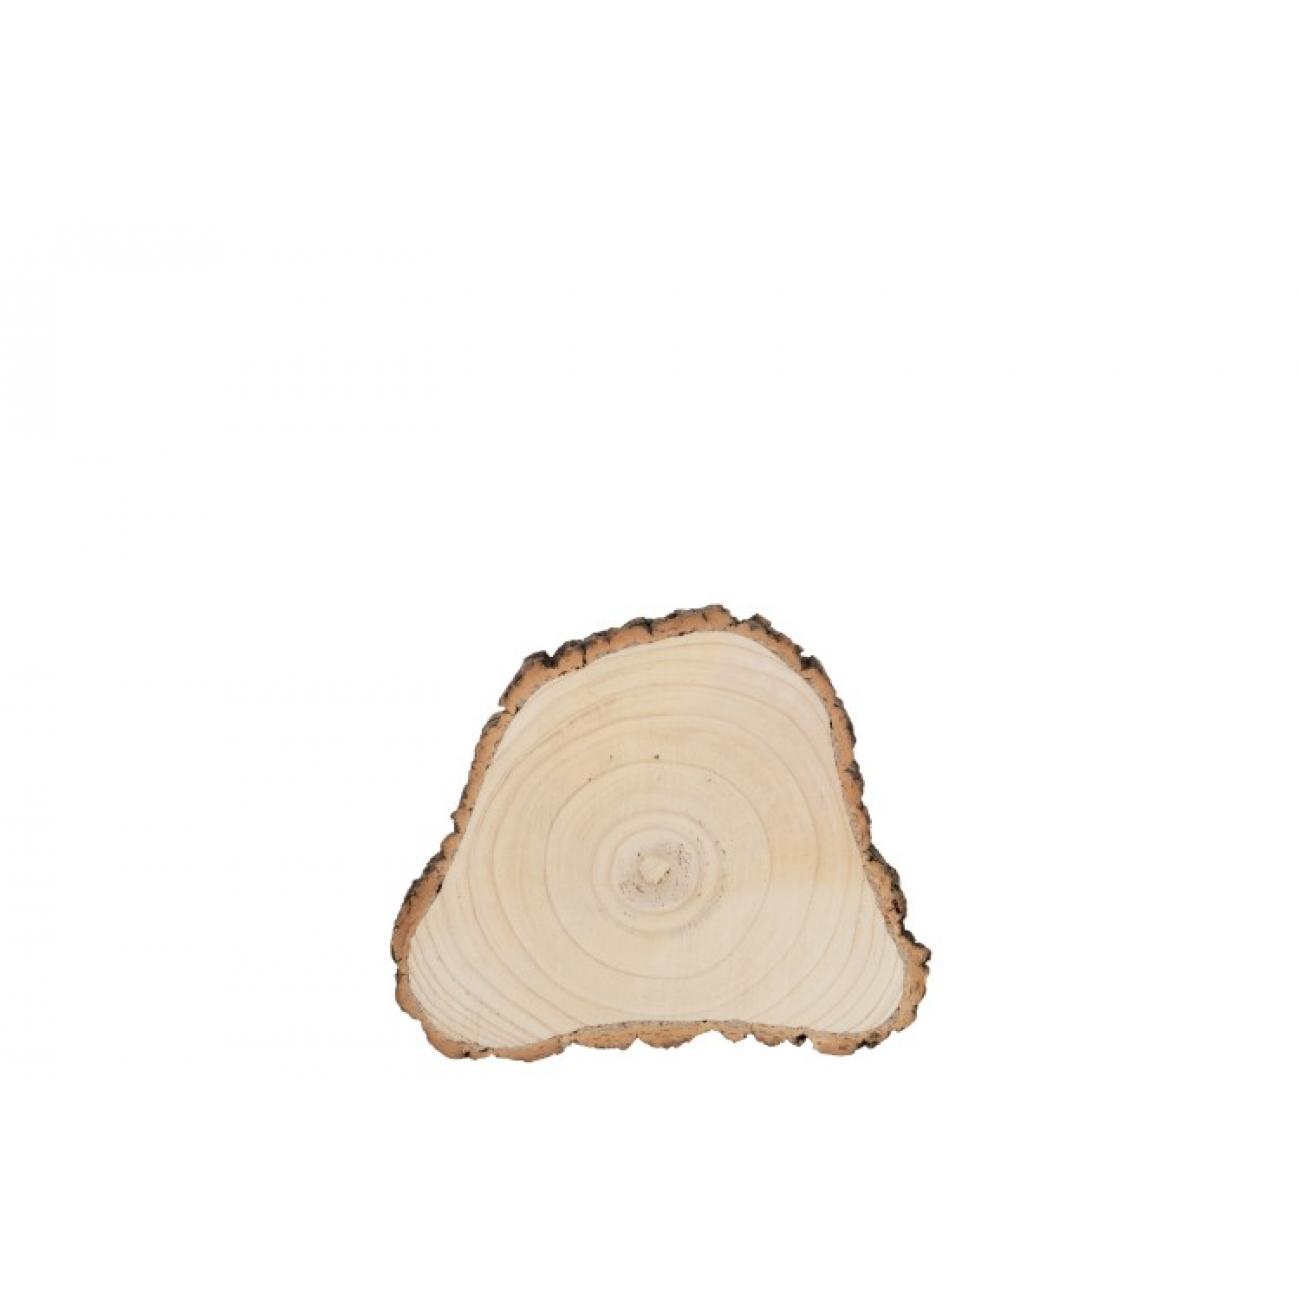 Подставка J-LINE деревянная спил срез  павловнии диаметр  29 см Бельгия